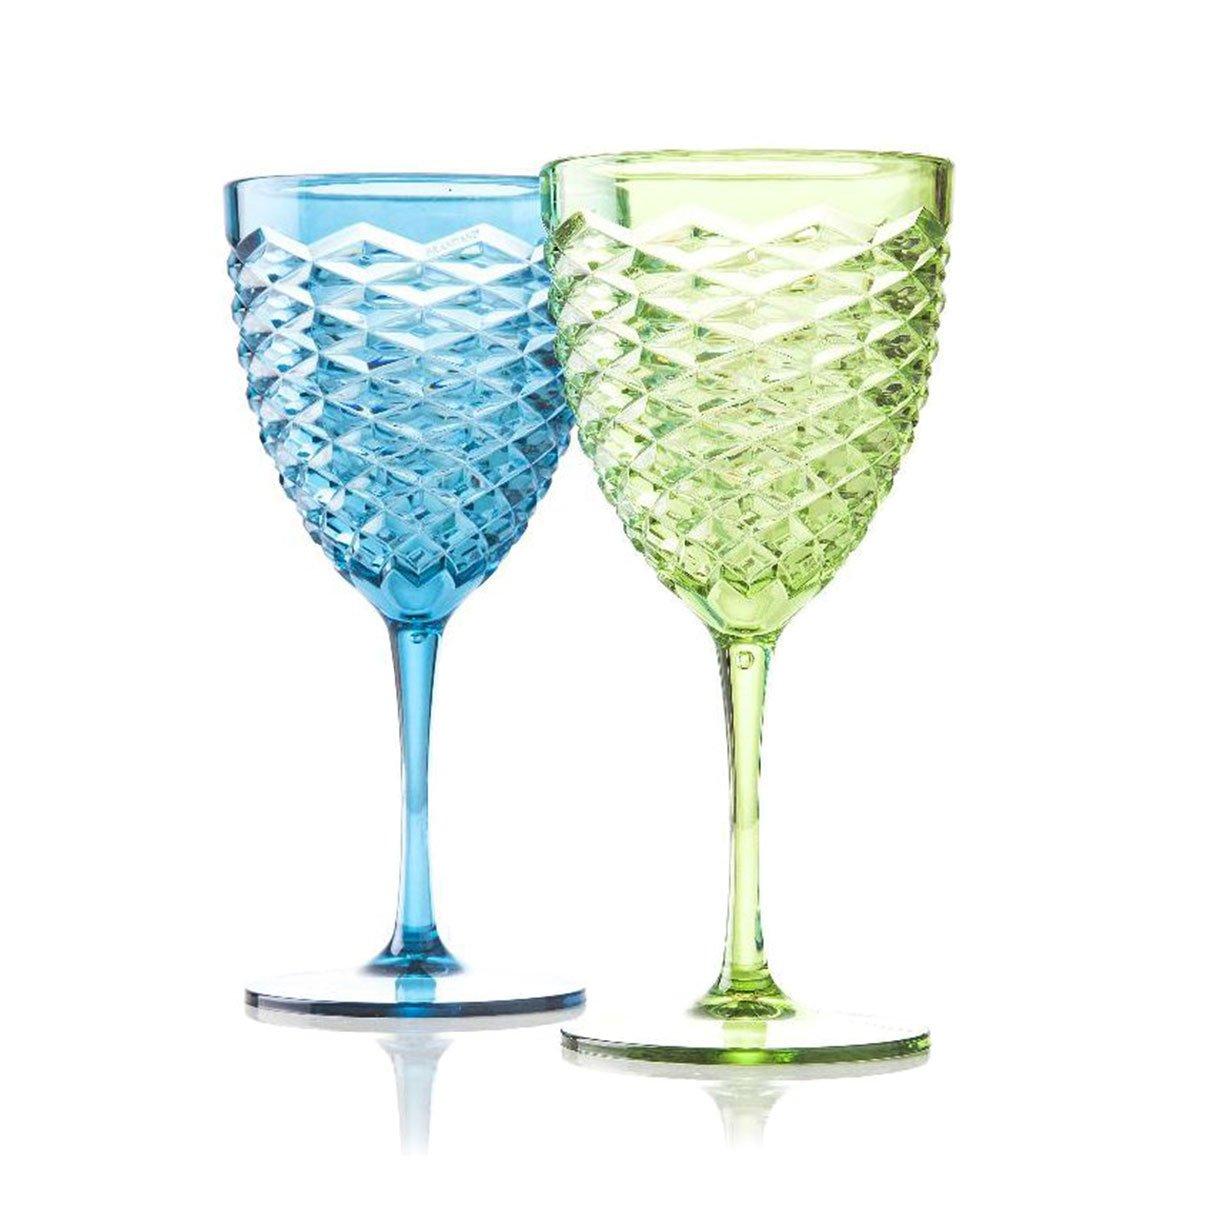 Apparecchiare la tavola consigli per bicchieri piatti - Disposizione bicchieri a tavola ...